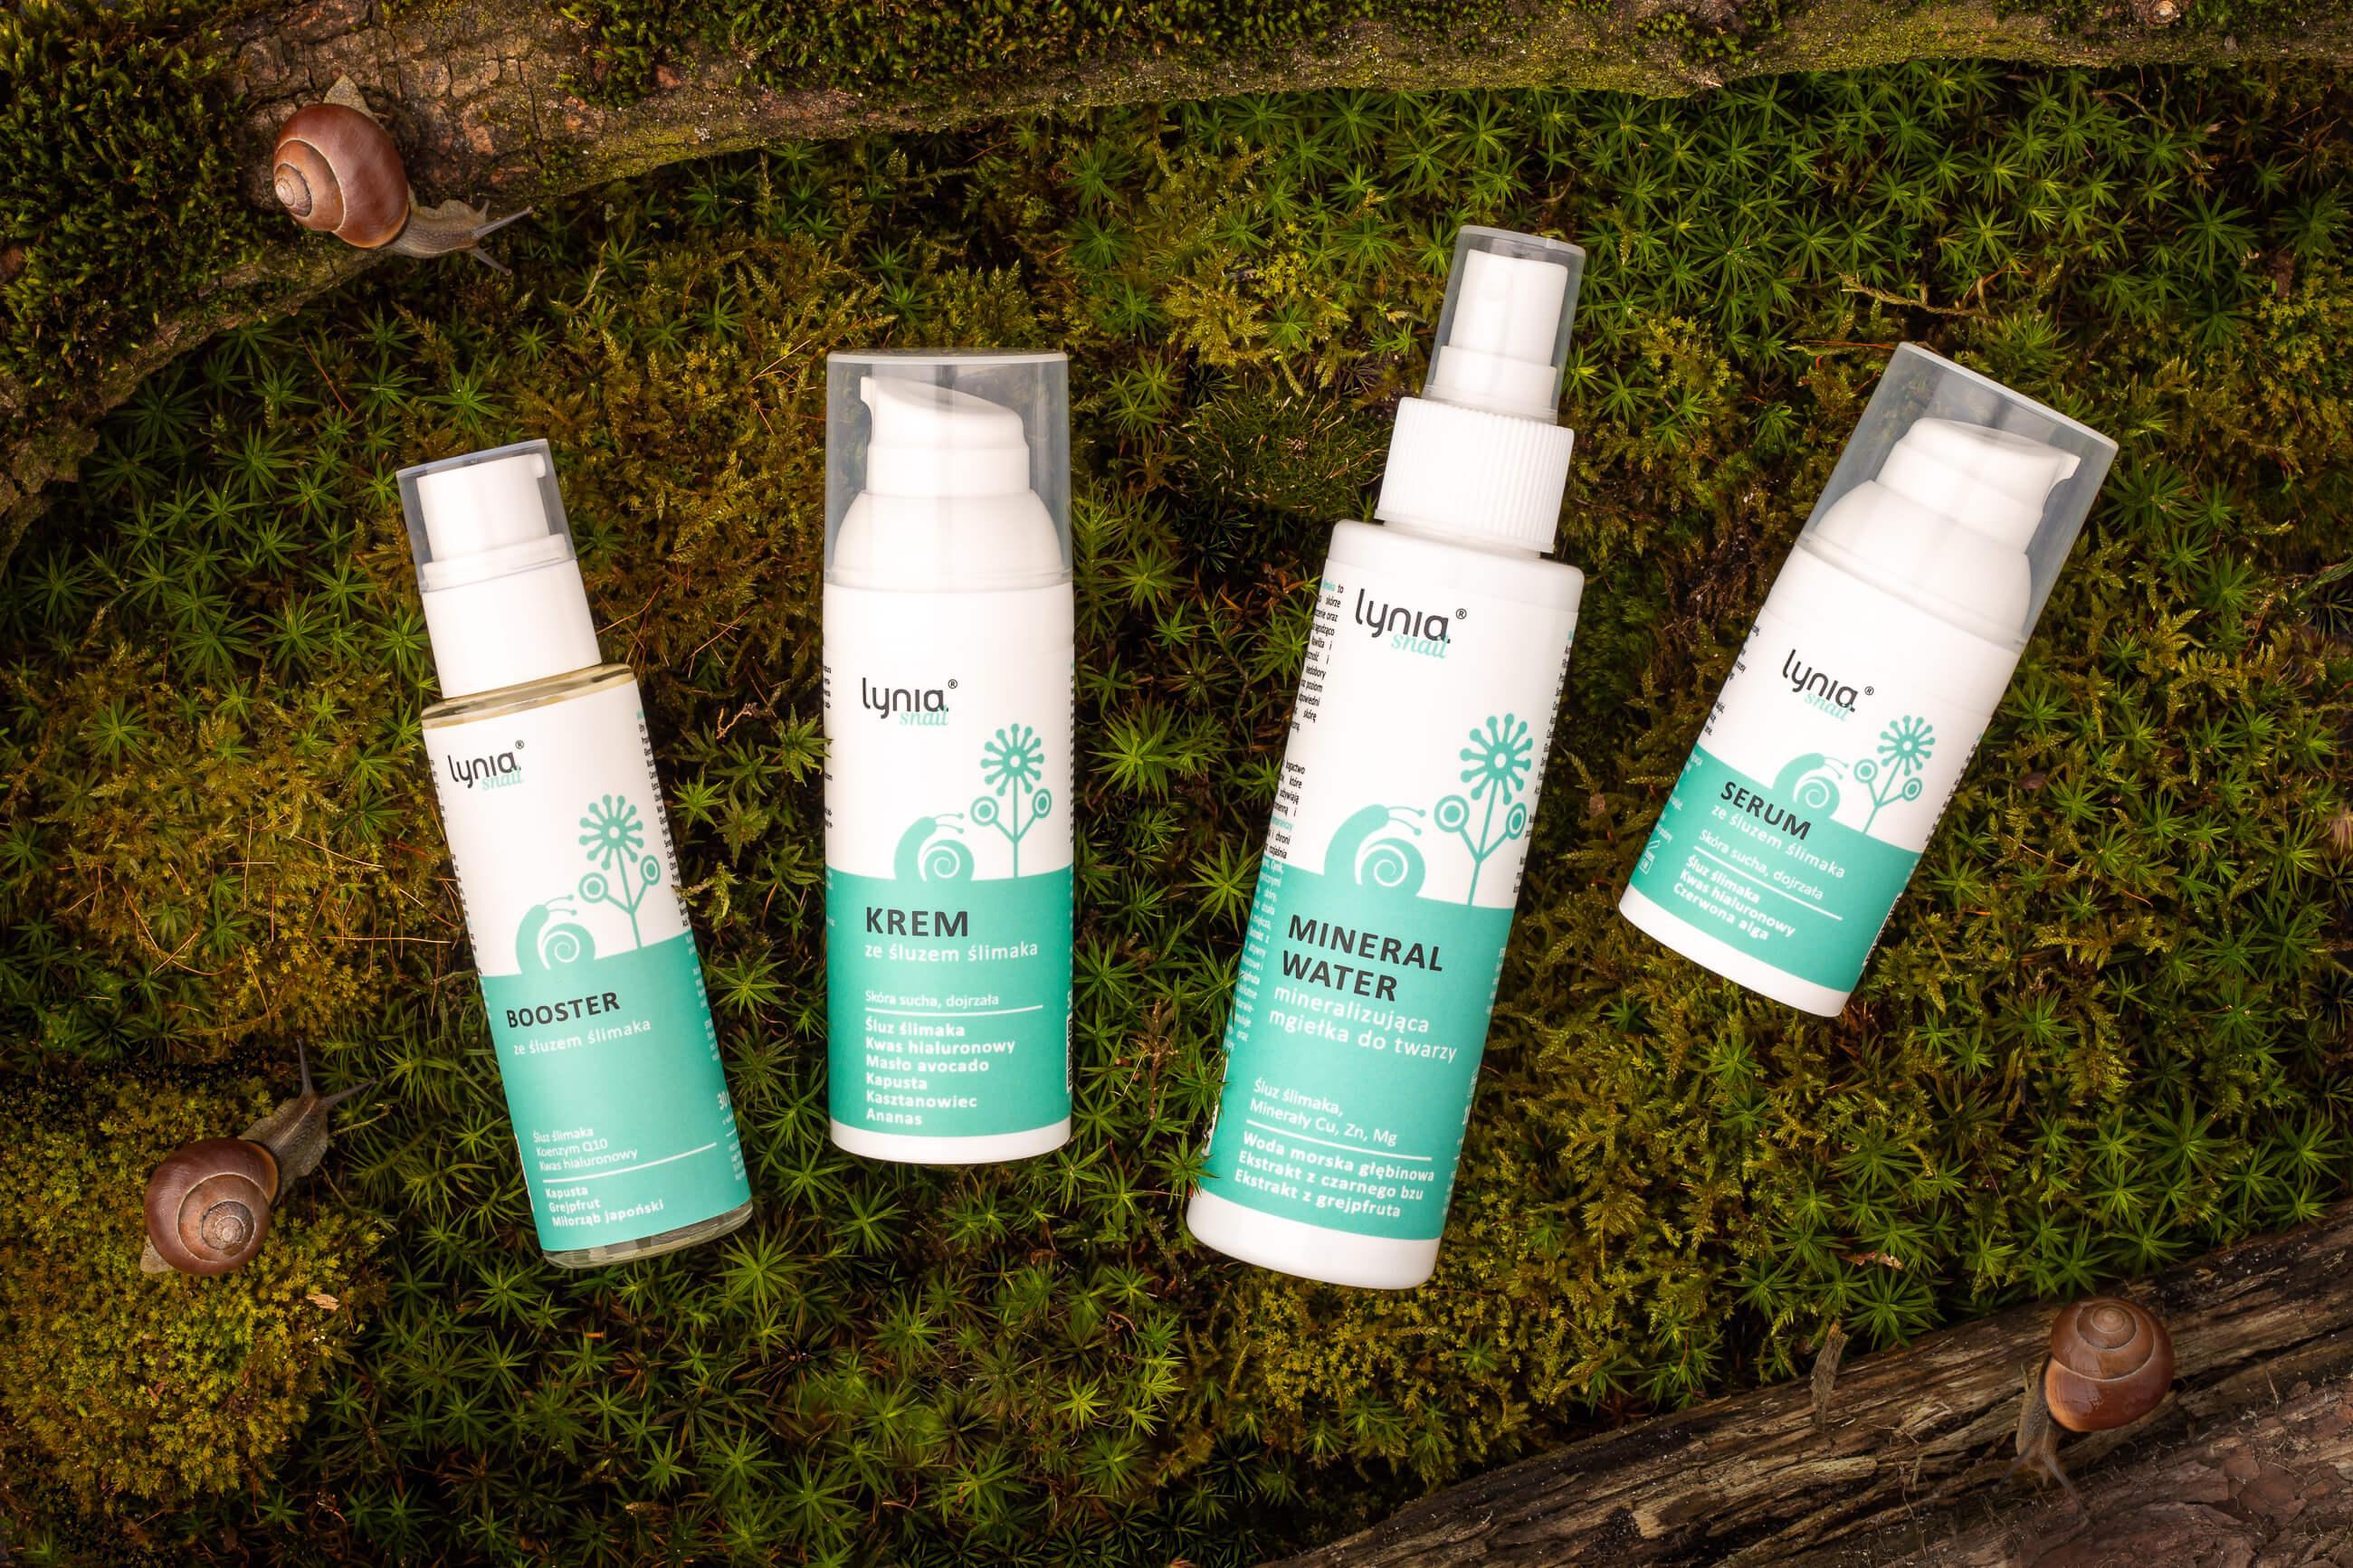 Zdjęcie reklamowe kosmetyków - aranżacja